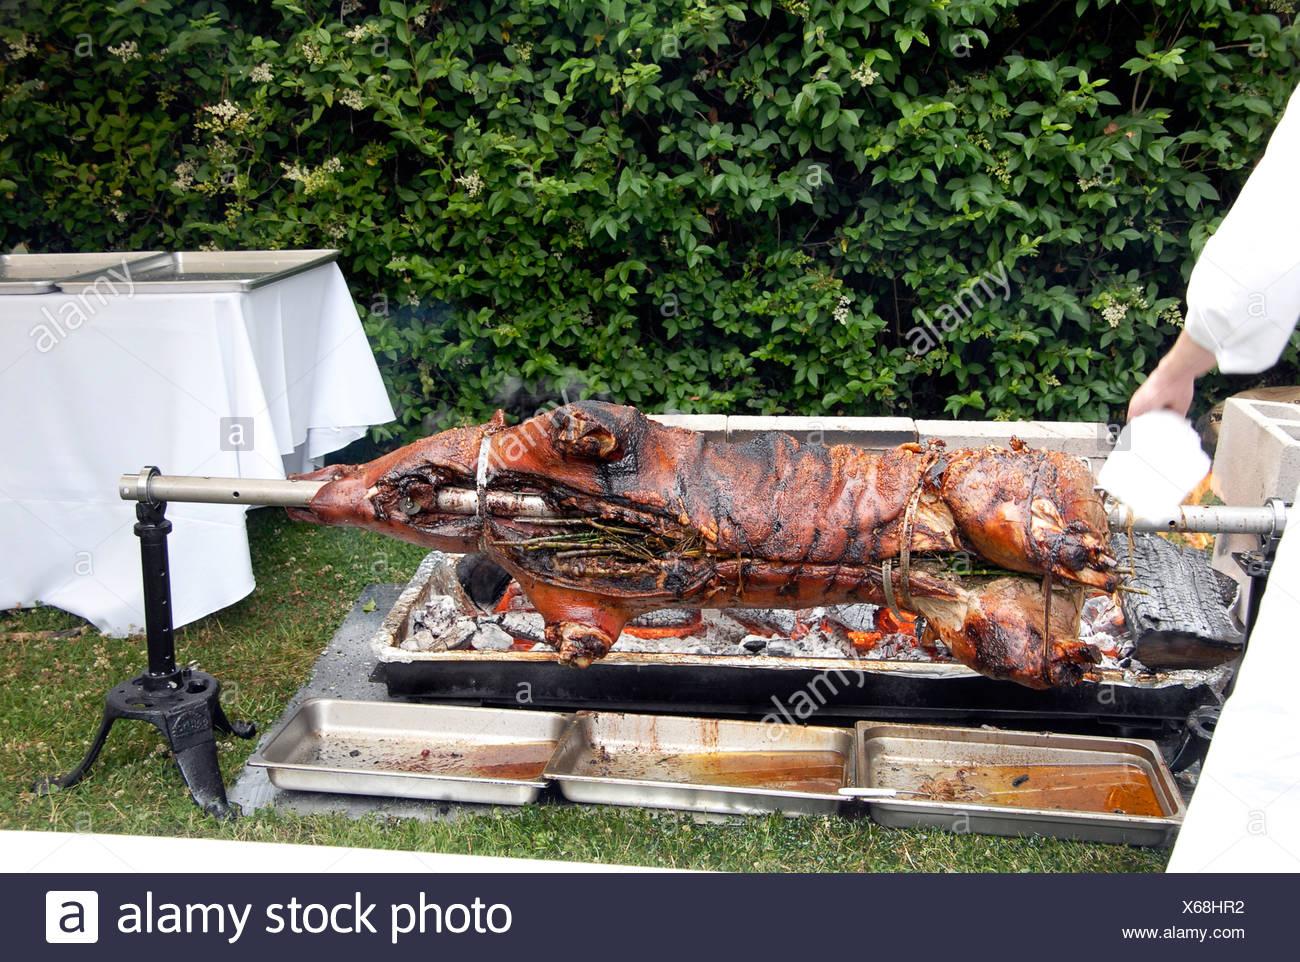 Pig on spit / Hog roast - Stock Image